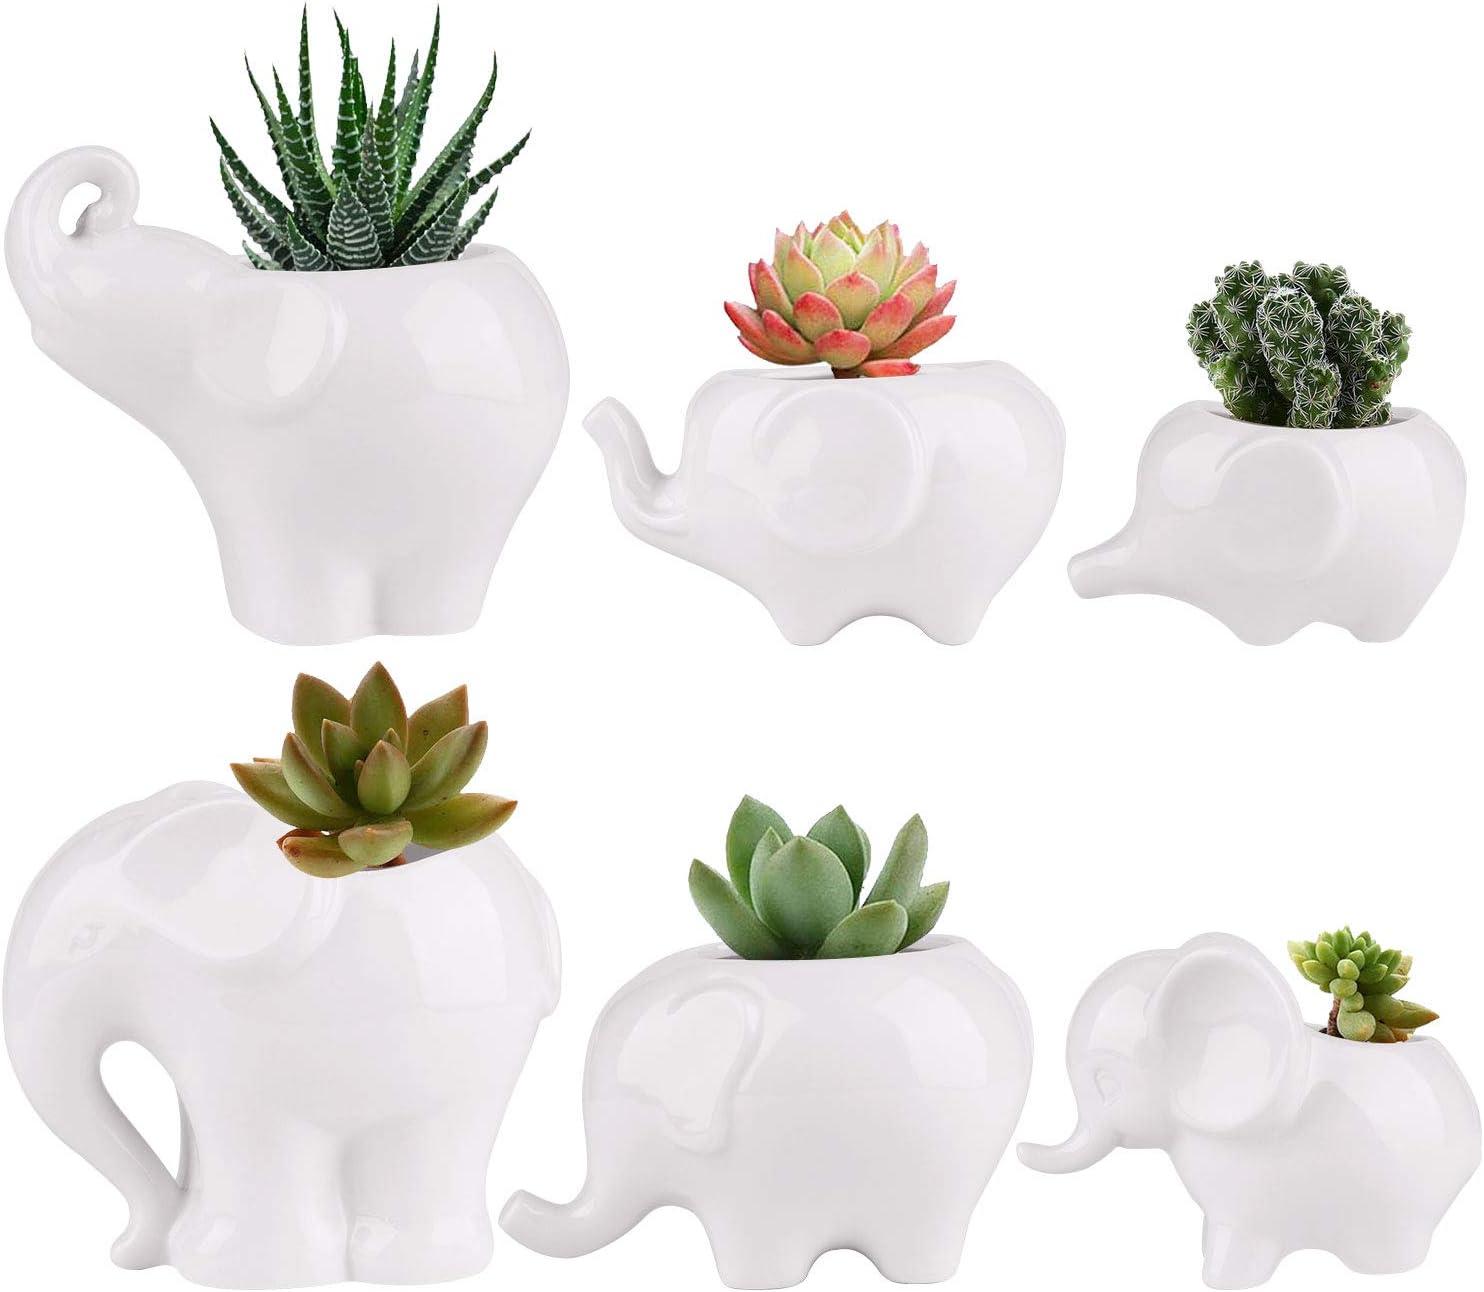 Succluent Pots ,Small Flower Pots Planter Pots with Drinage,Ceramic Cute Animal Mini Elephant Flowers Pots Planter for Cactus(6 Pack)